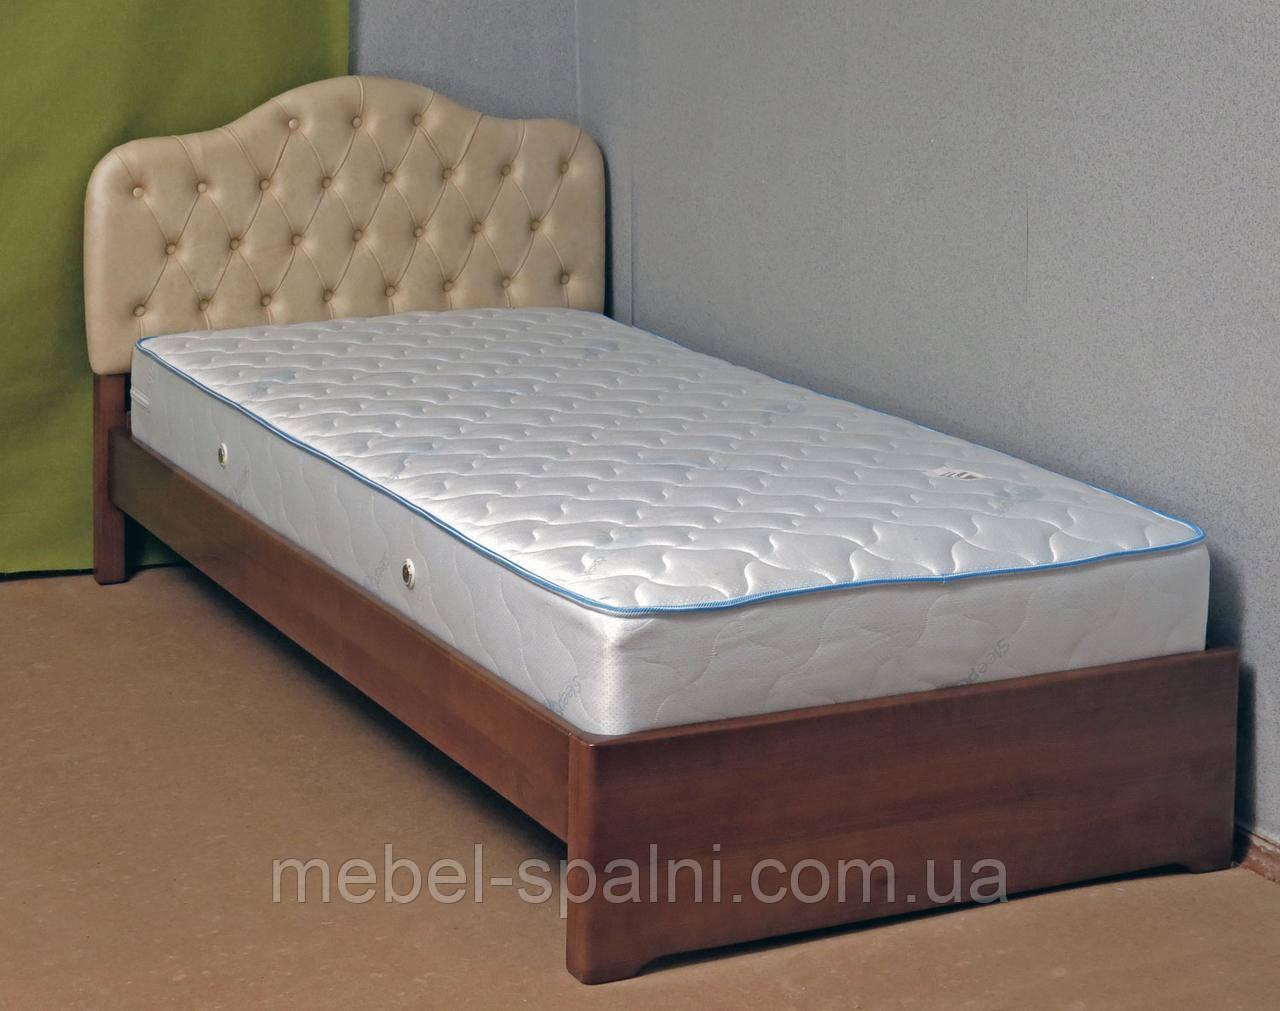 Кровать односпальная полуторная  двуспальная деревянная с ящиками «Диана»